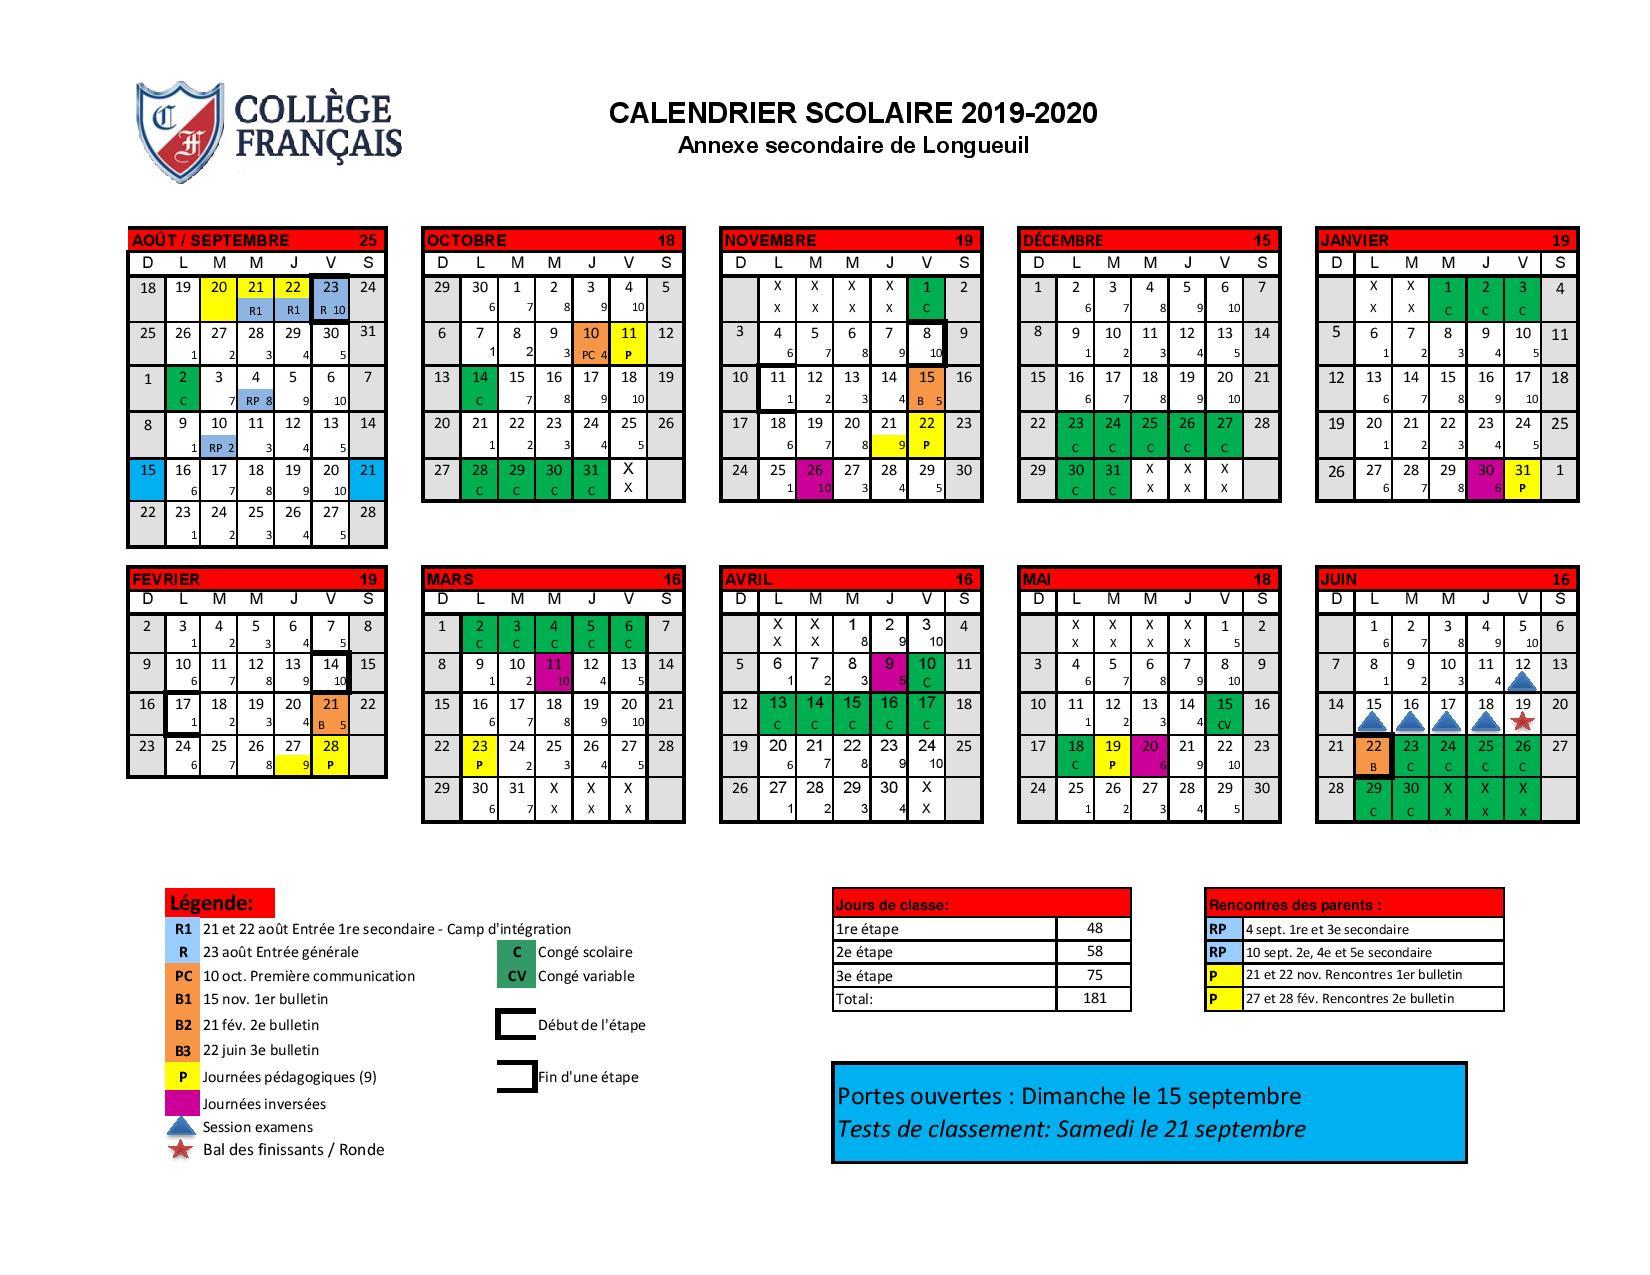 Calendrier Scolaire 2020 Et 2021.Calendrier Scolaire College Francais